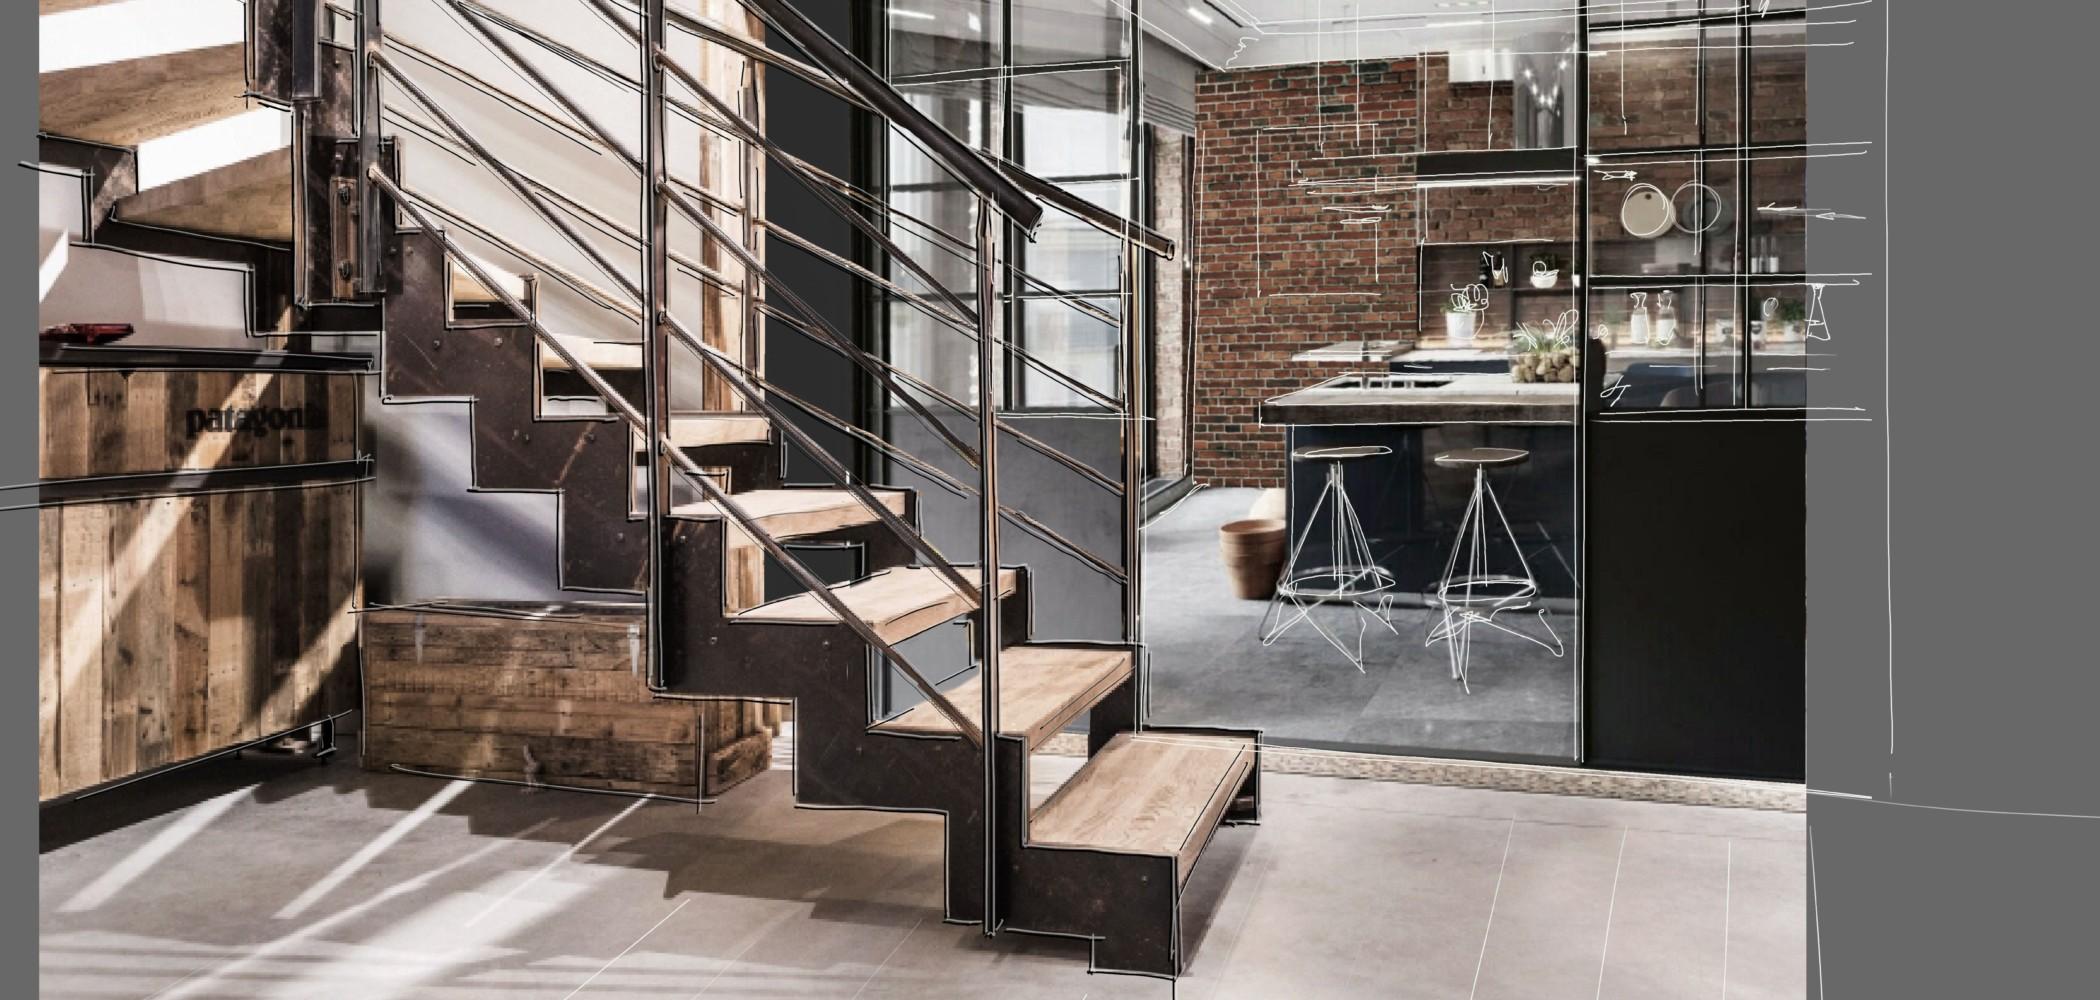 escalier sur mesure limon crémaillère métal